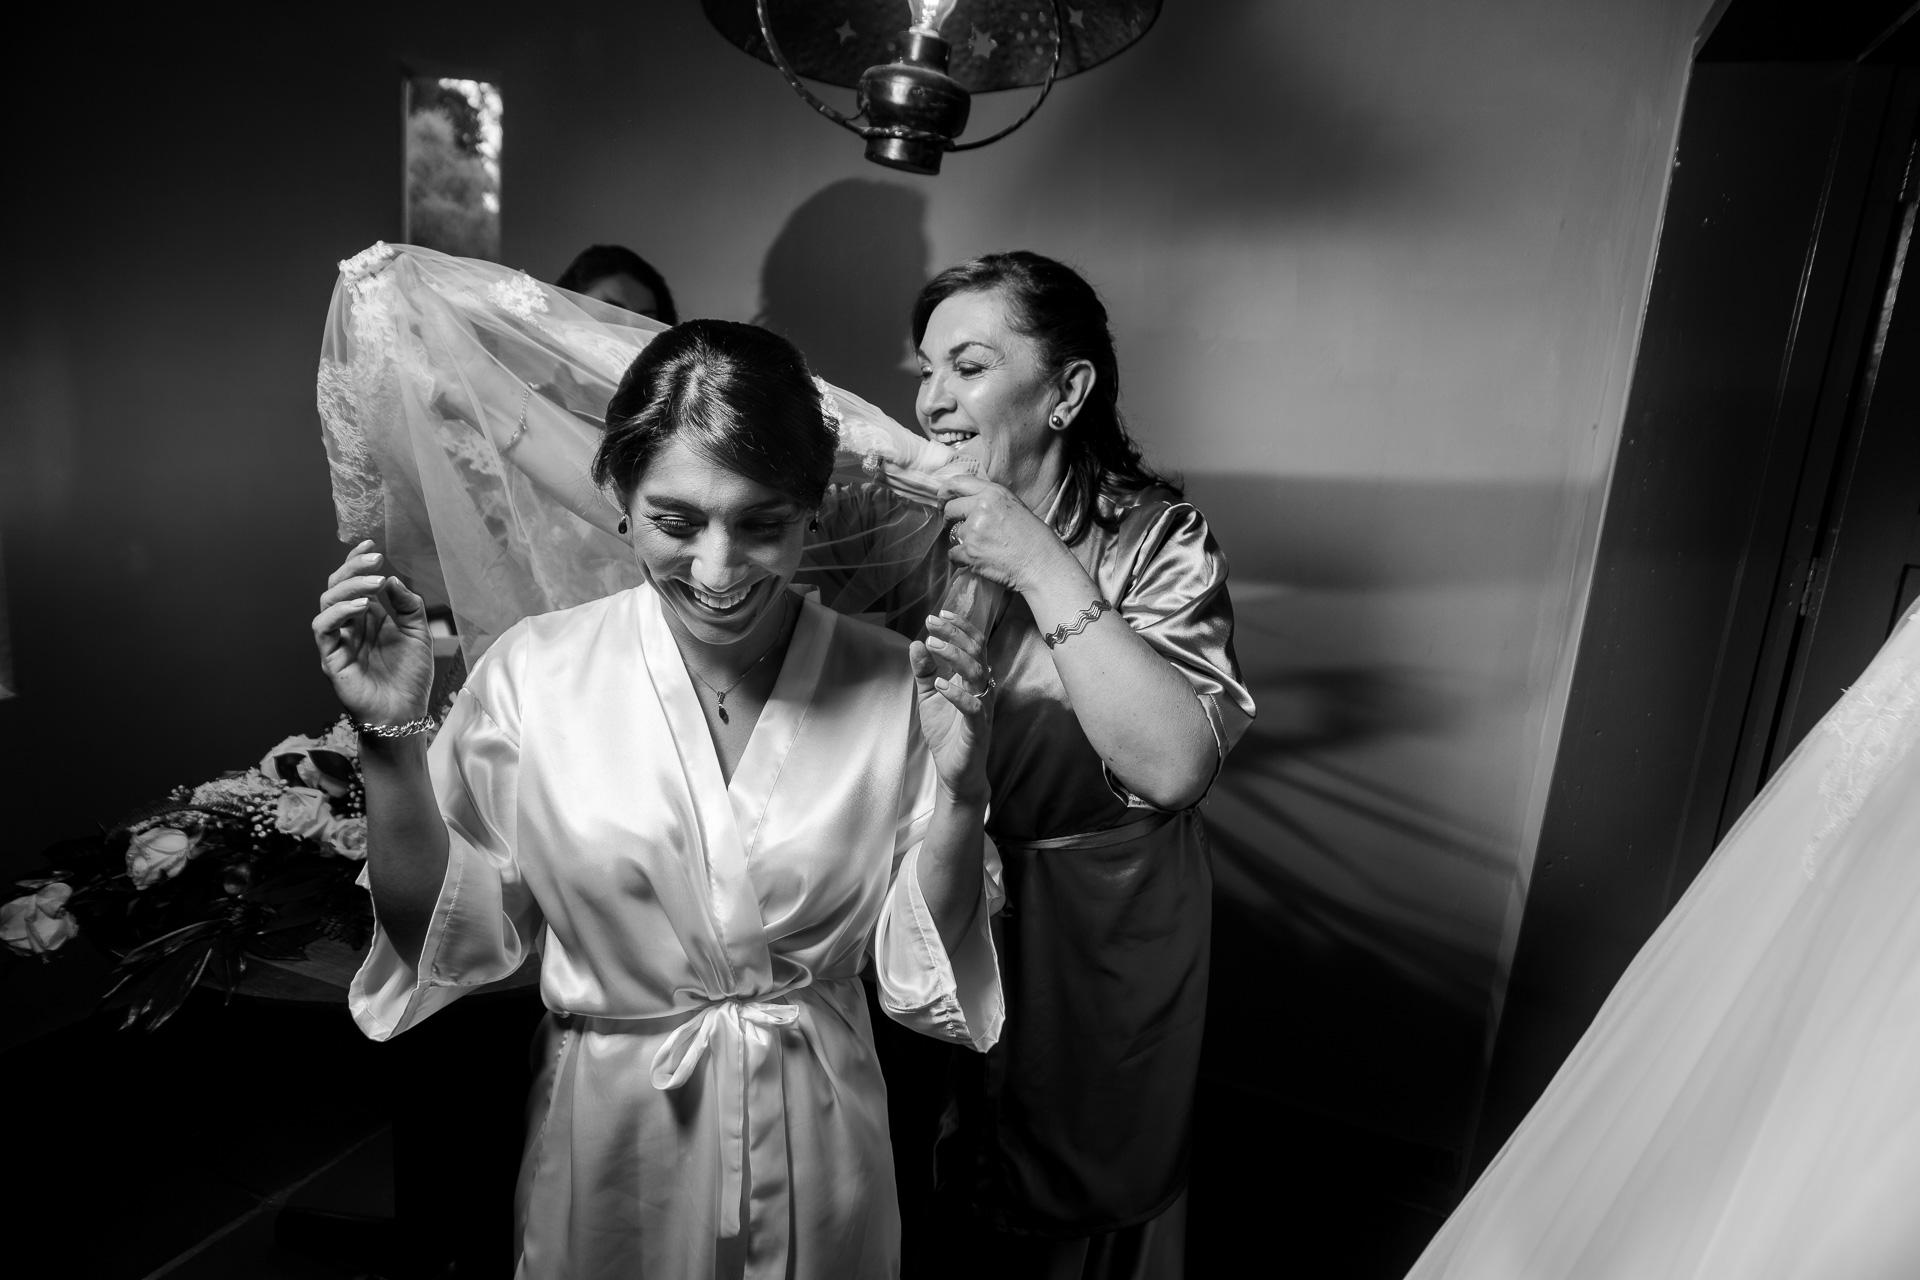 Fotógrafos-de-bodas-en-Colombia-Angela-y-Antonio-16 ANGELA Y ANTONIO